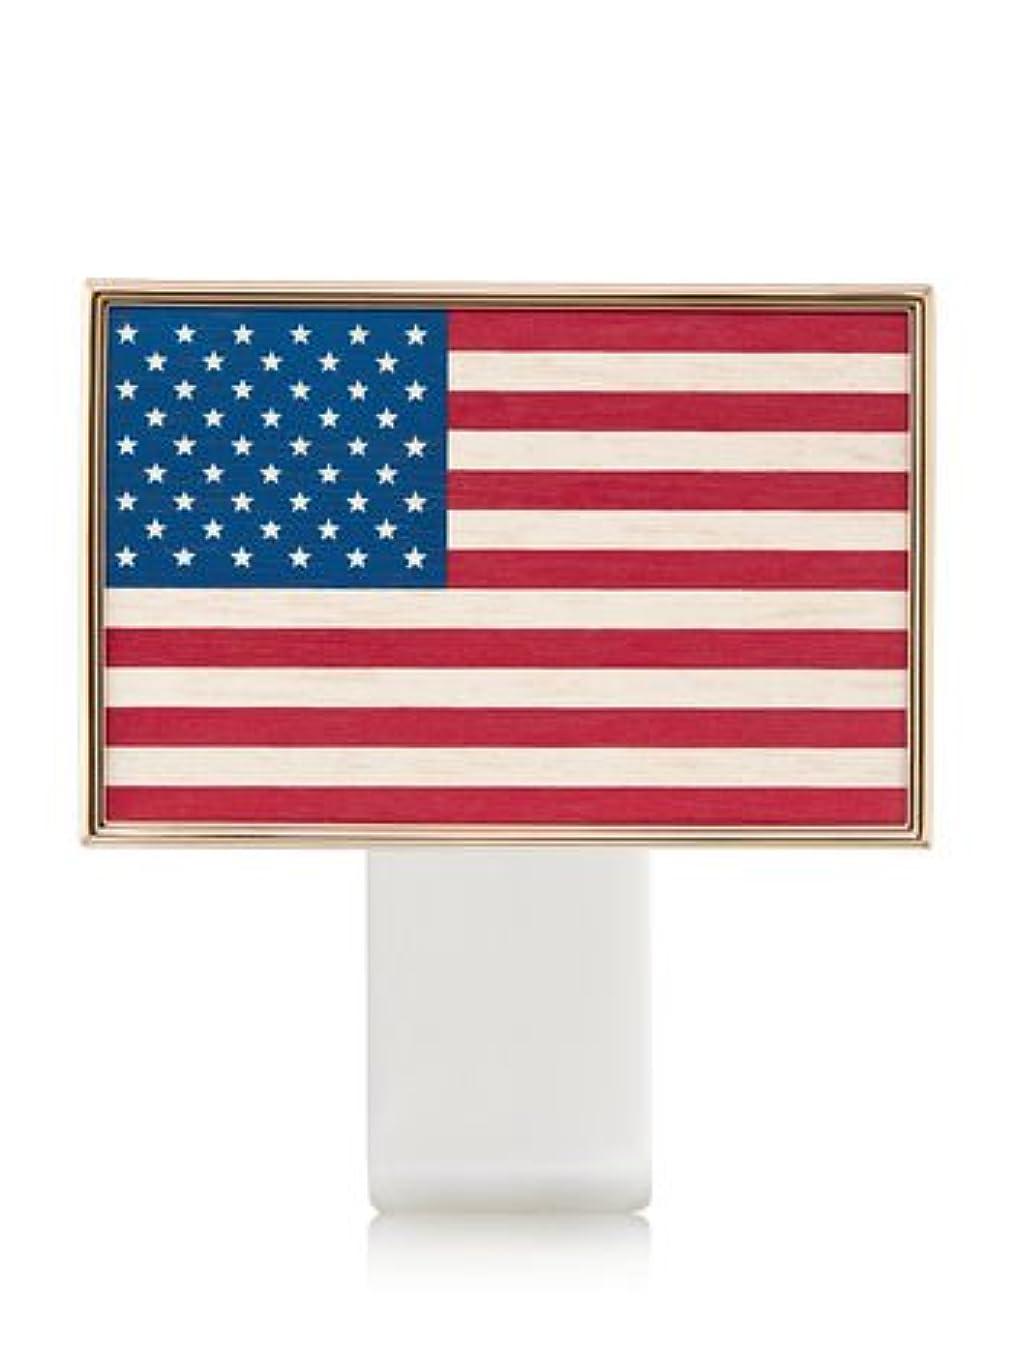 モニター東部富豪【Bath&Body Works/バス&ボディワークス】 ルームフレグランス プラグインスターター (本体のみ) アメリカンフラッグ Wallflowers Fragrance Plug American Flag [並行輸入品]